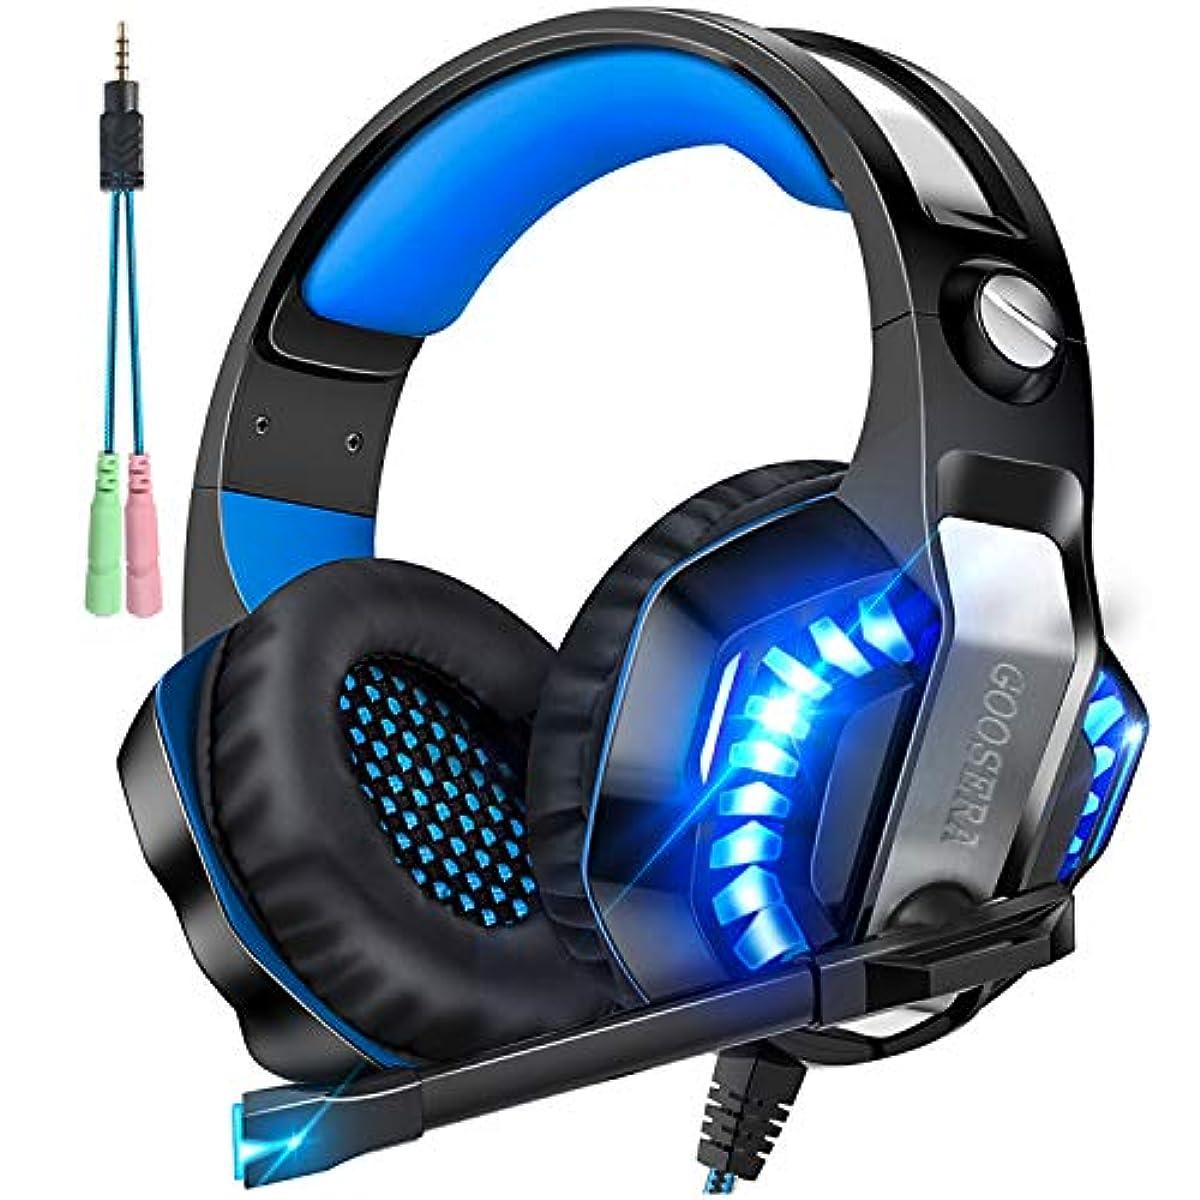 [해외] 헤드폰 gaming 헤드셋PS4 헤드셋 경량 헤드폰 USB 유선 고음질 노이즈캔슬링 중저음 강화 소음 억제 마이크 부착 게임용 PC용 헤드셋NINTENDO SWITCH/XBOX ONE/PUBG에 최적 남녀 겸용